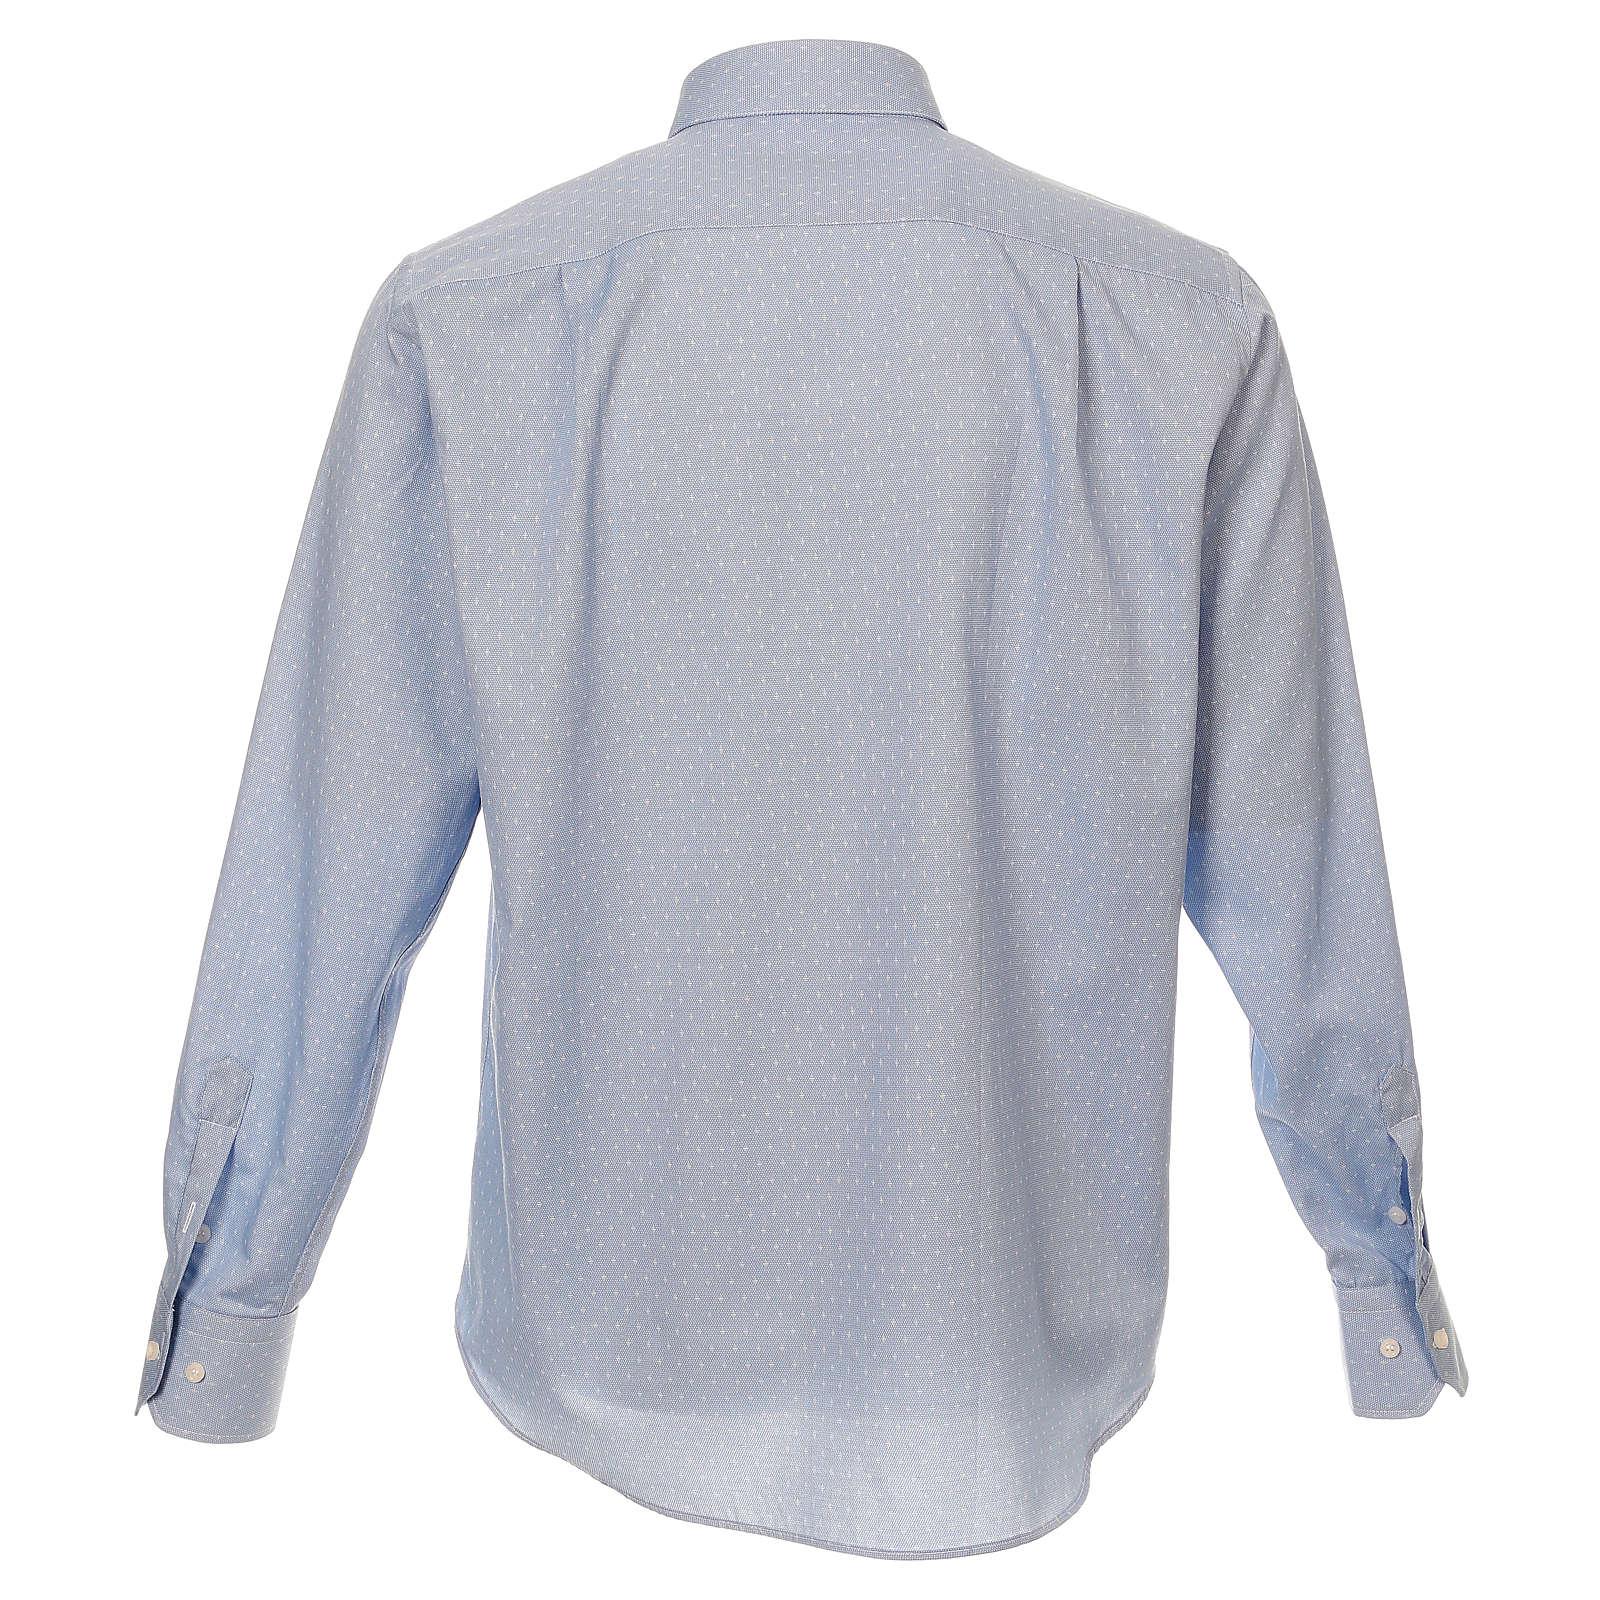 Camicia clergy tessuto croci celeste M. Lunga 4